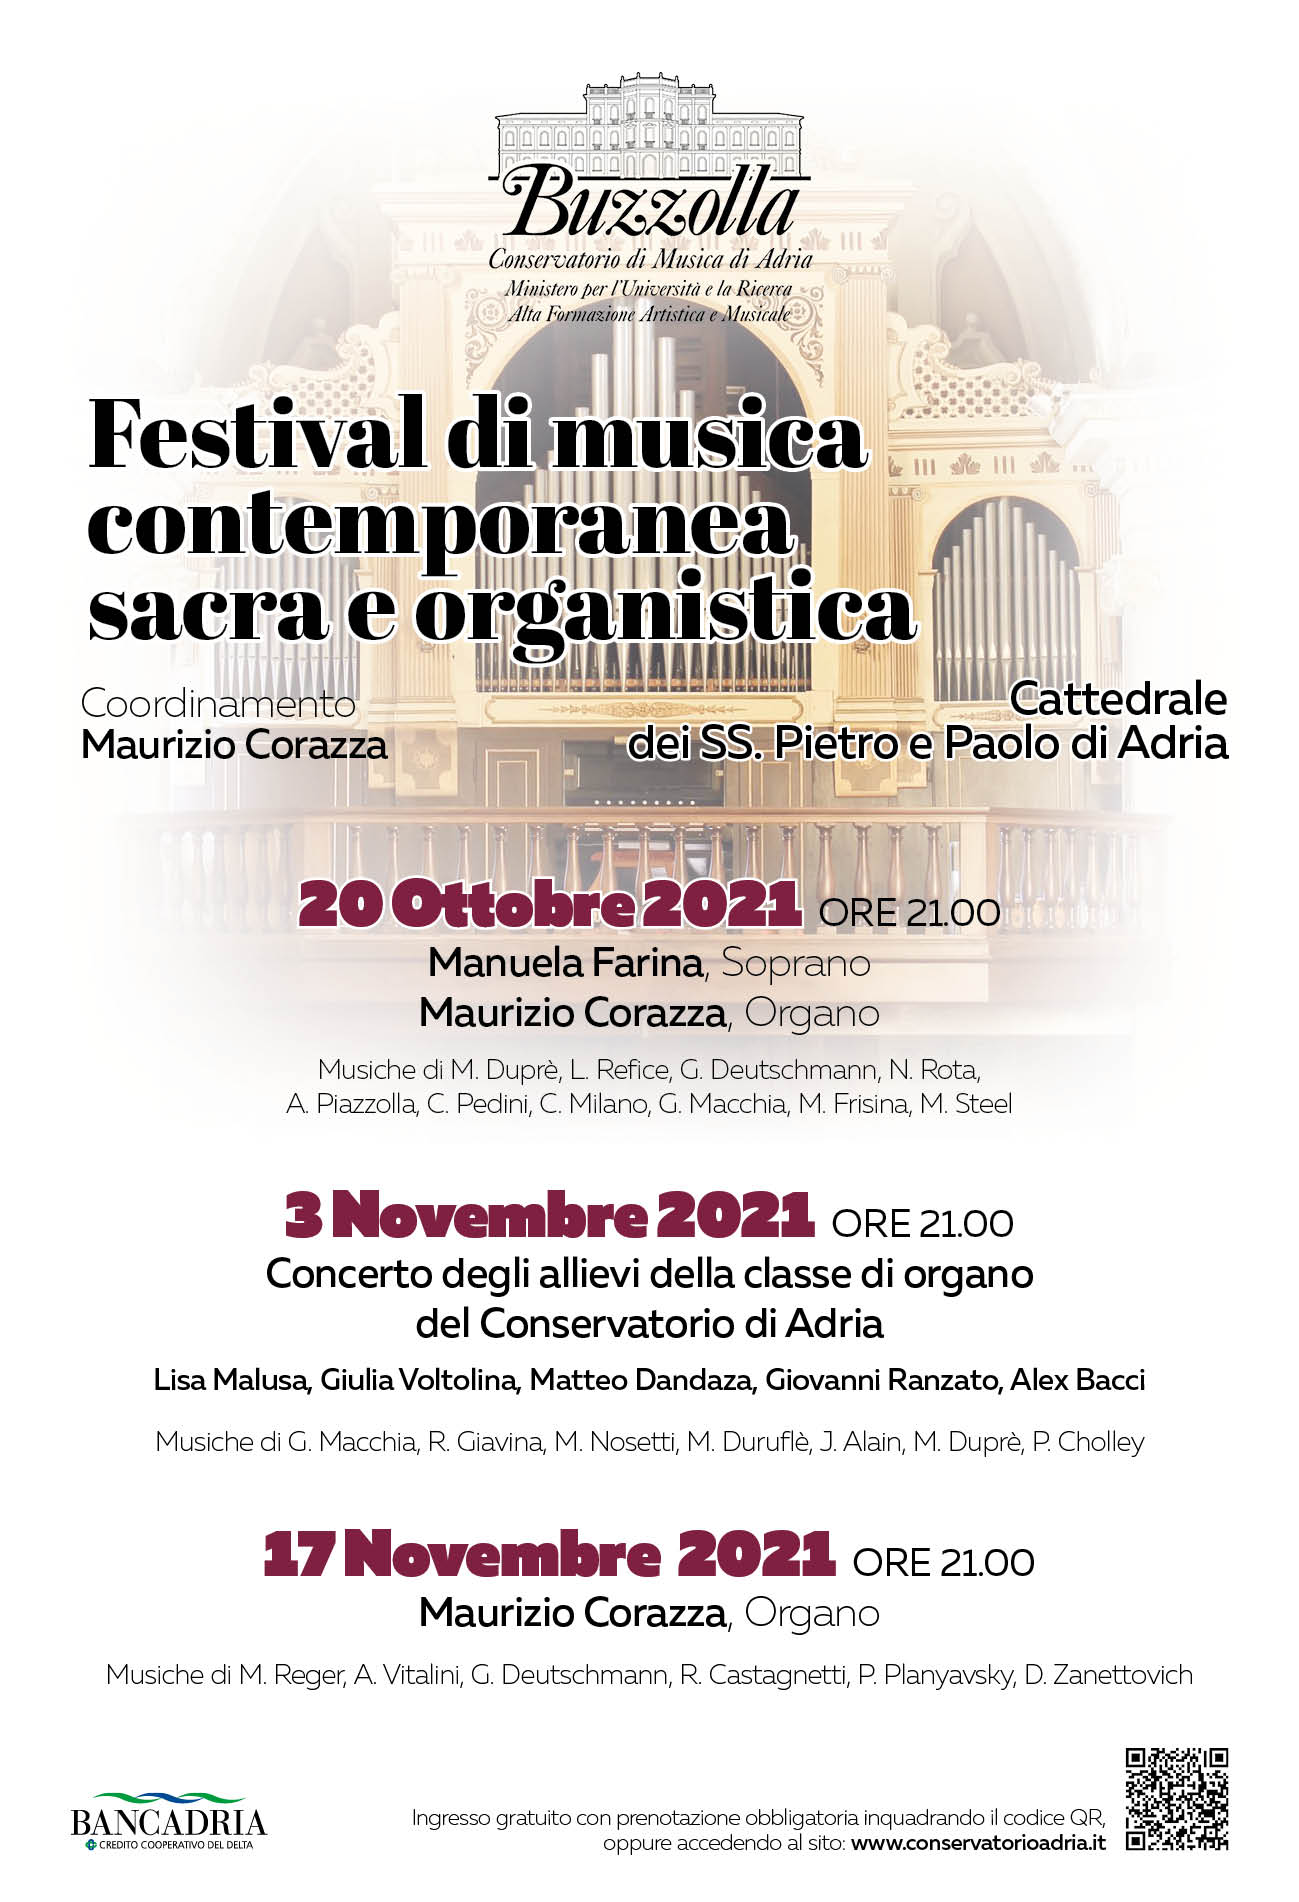 Festival di musica contemporanea sacra ed organistica